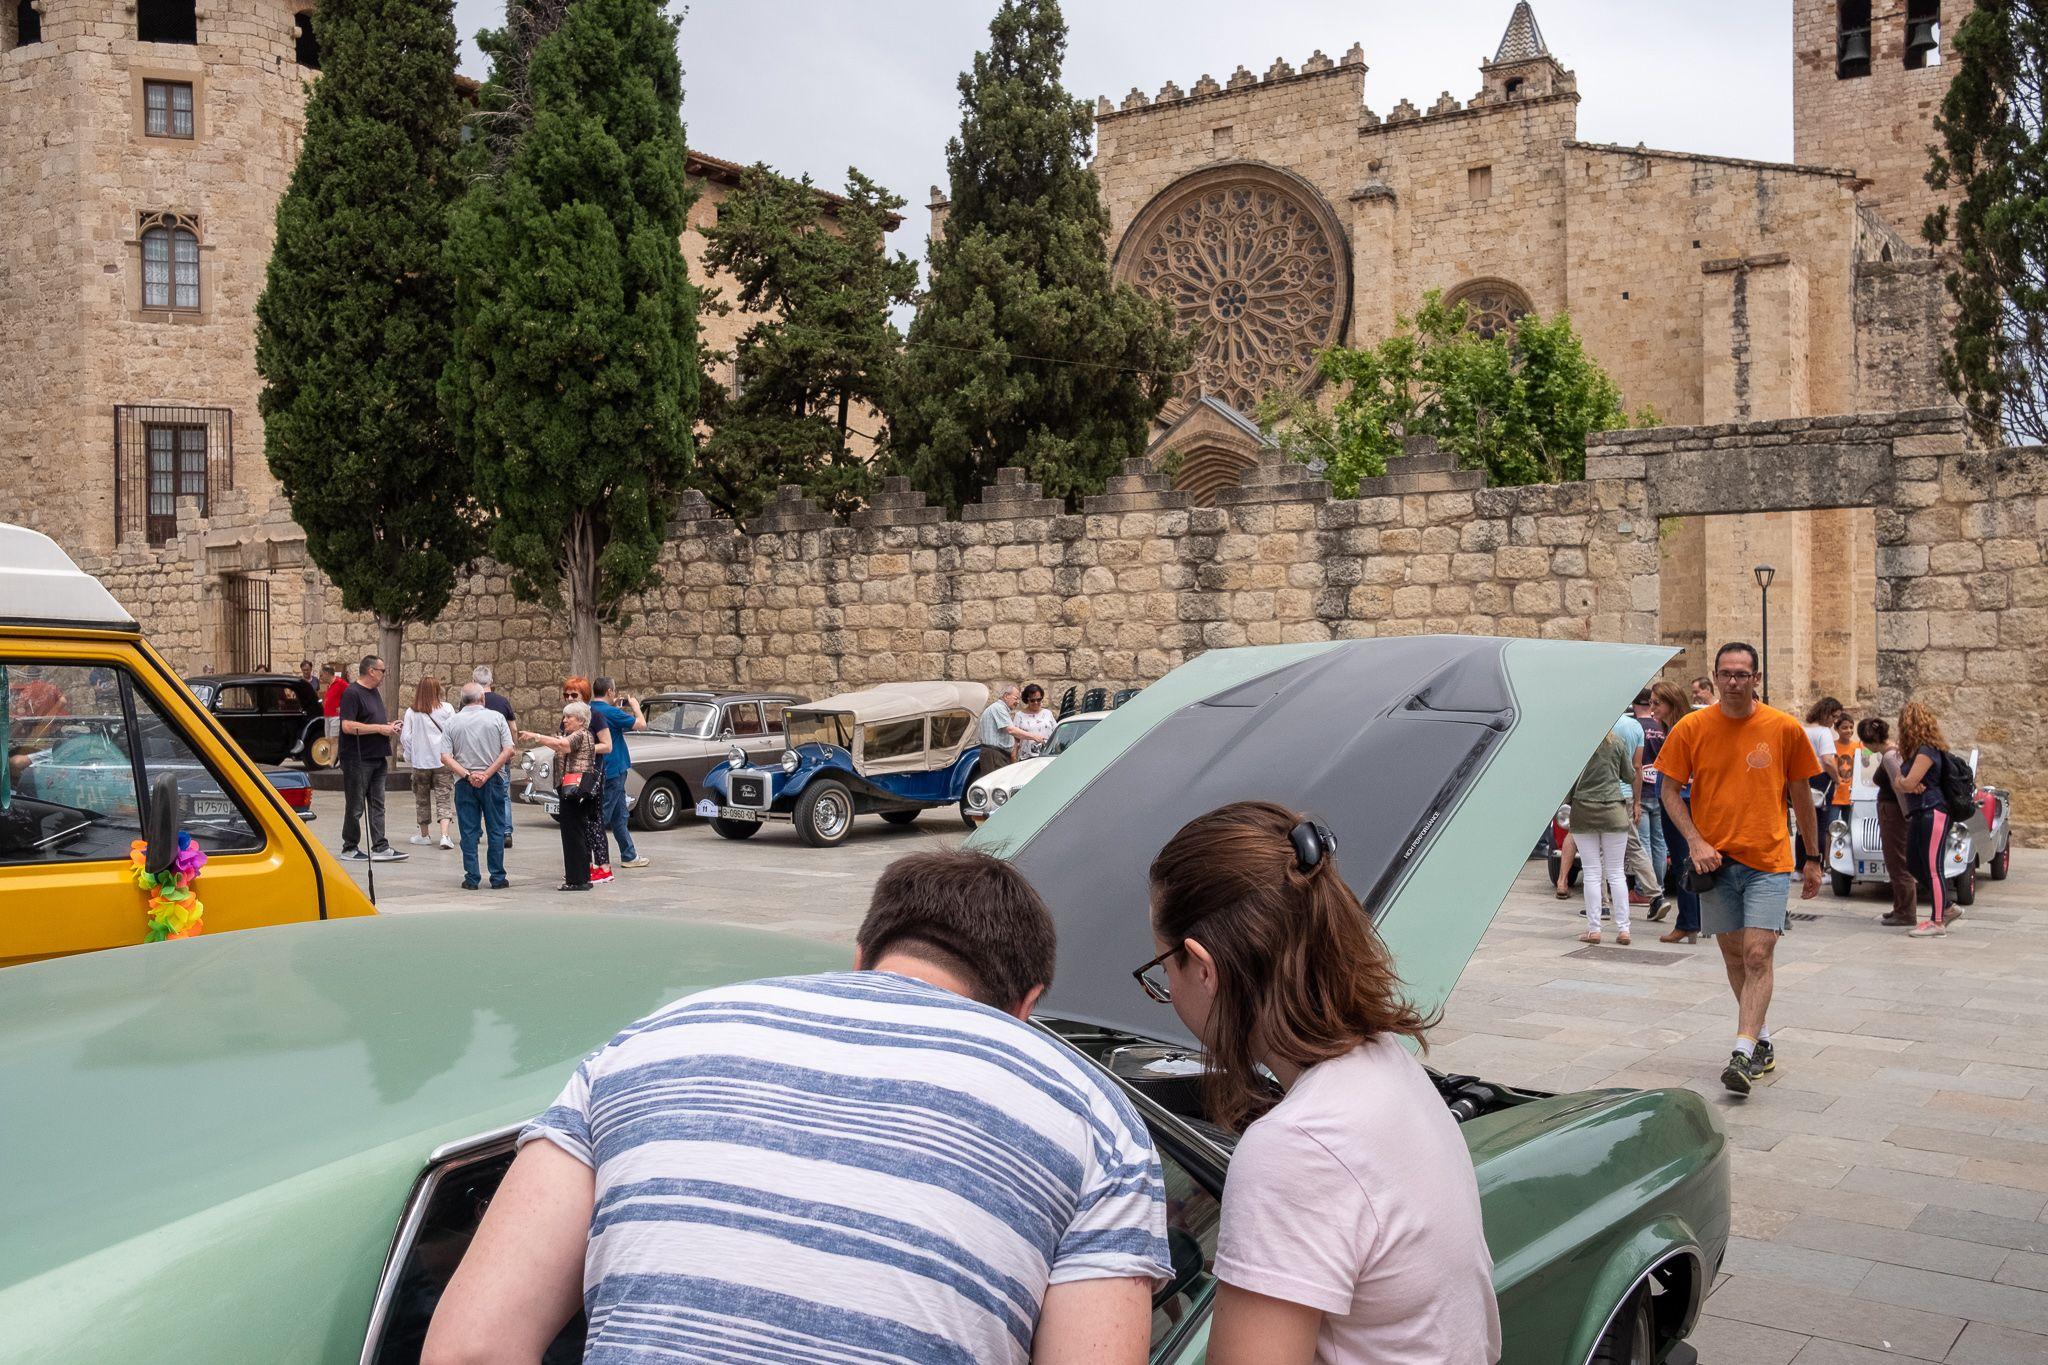 Vehicles clàssics surten al carrer amb el 8è Ral·li Mas Gener - Monestir. FOTO: Ale G.